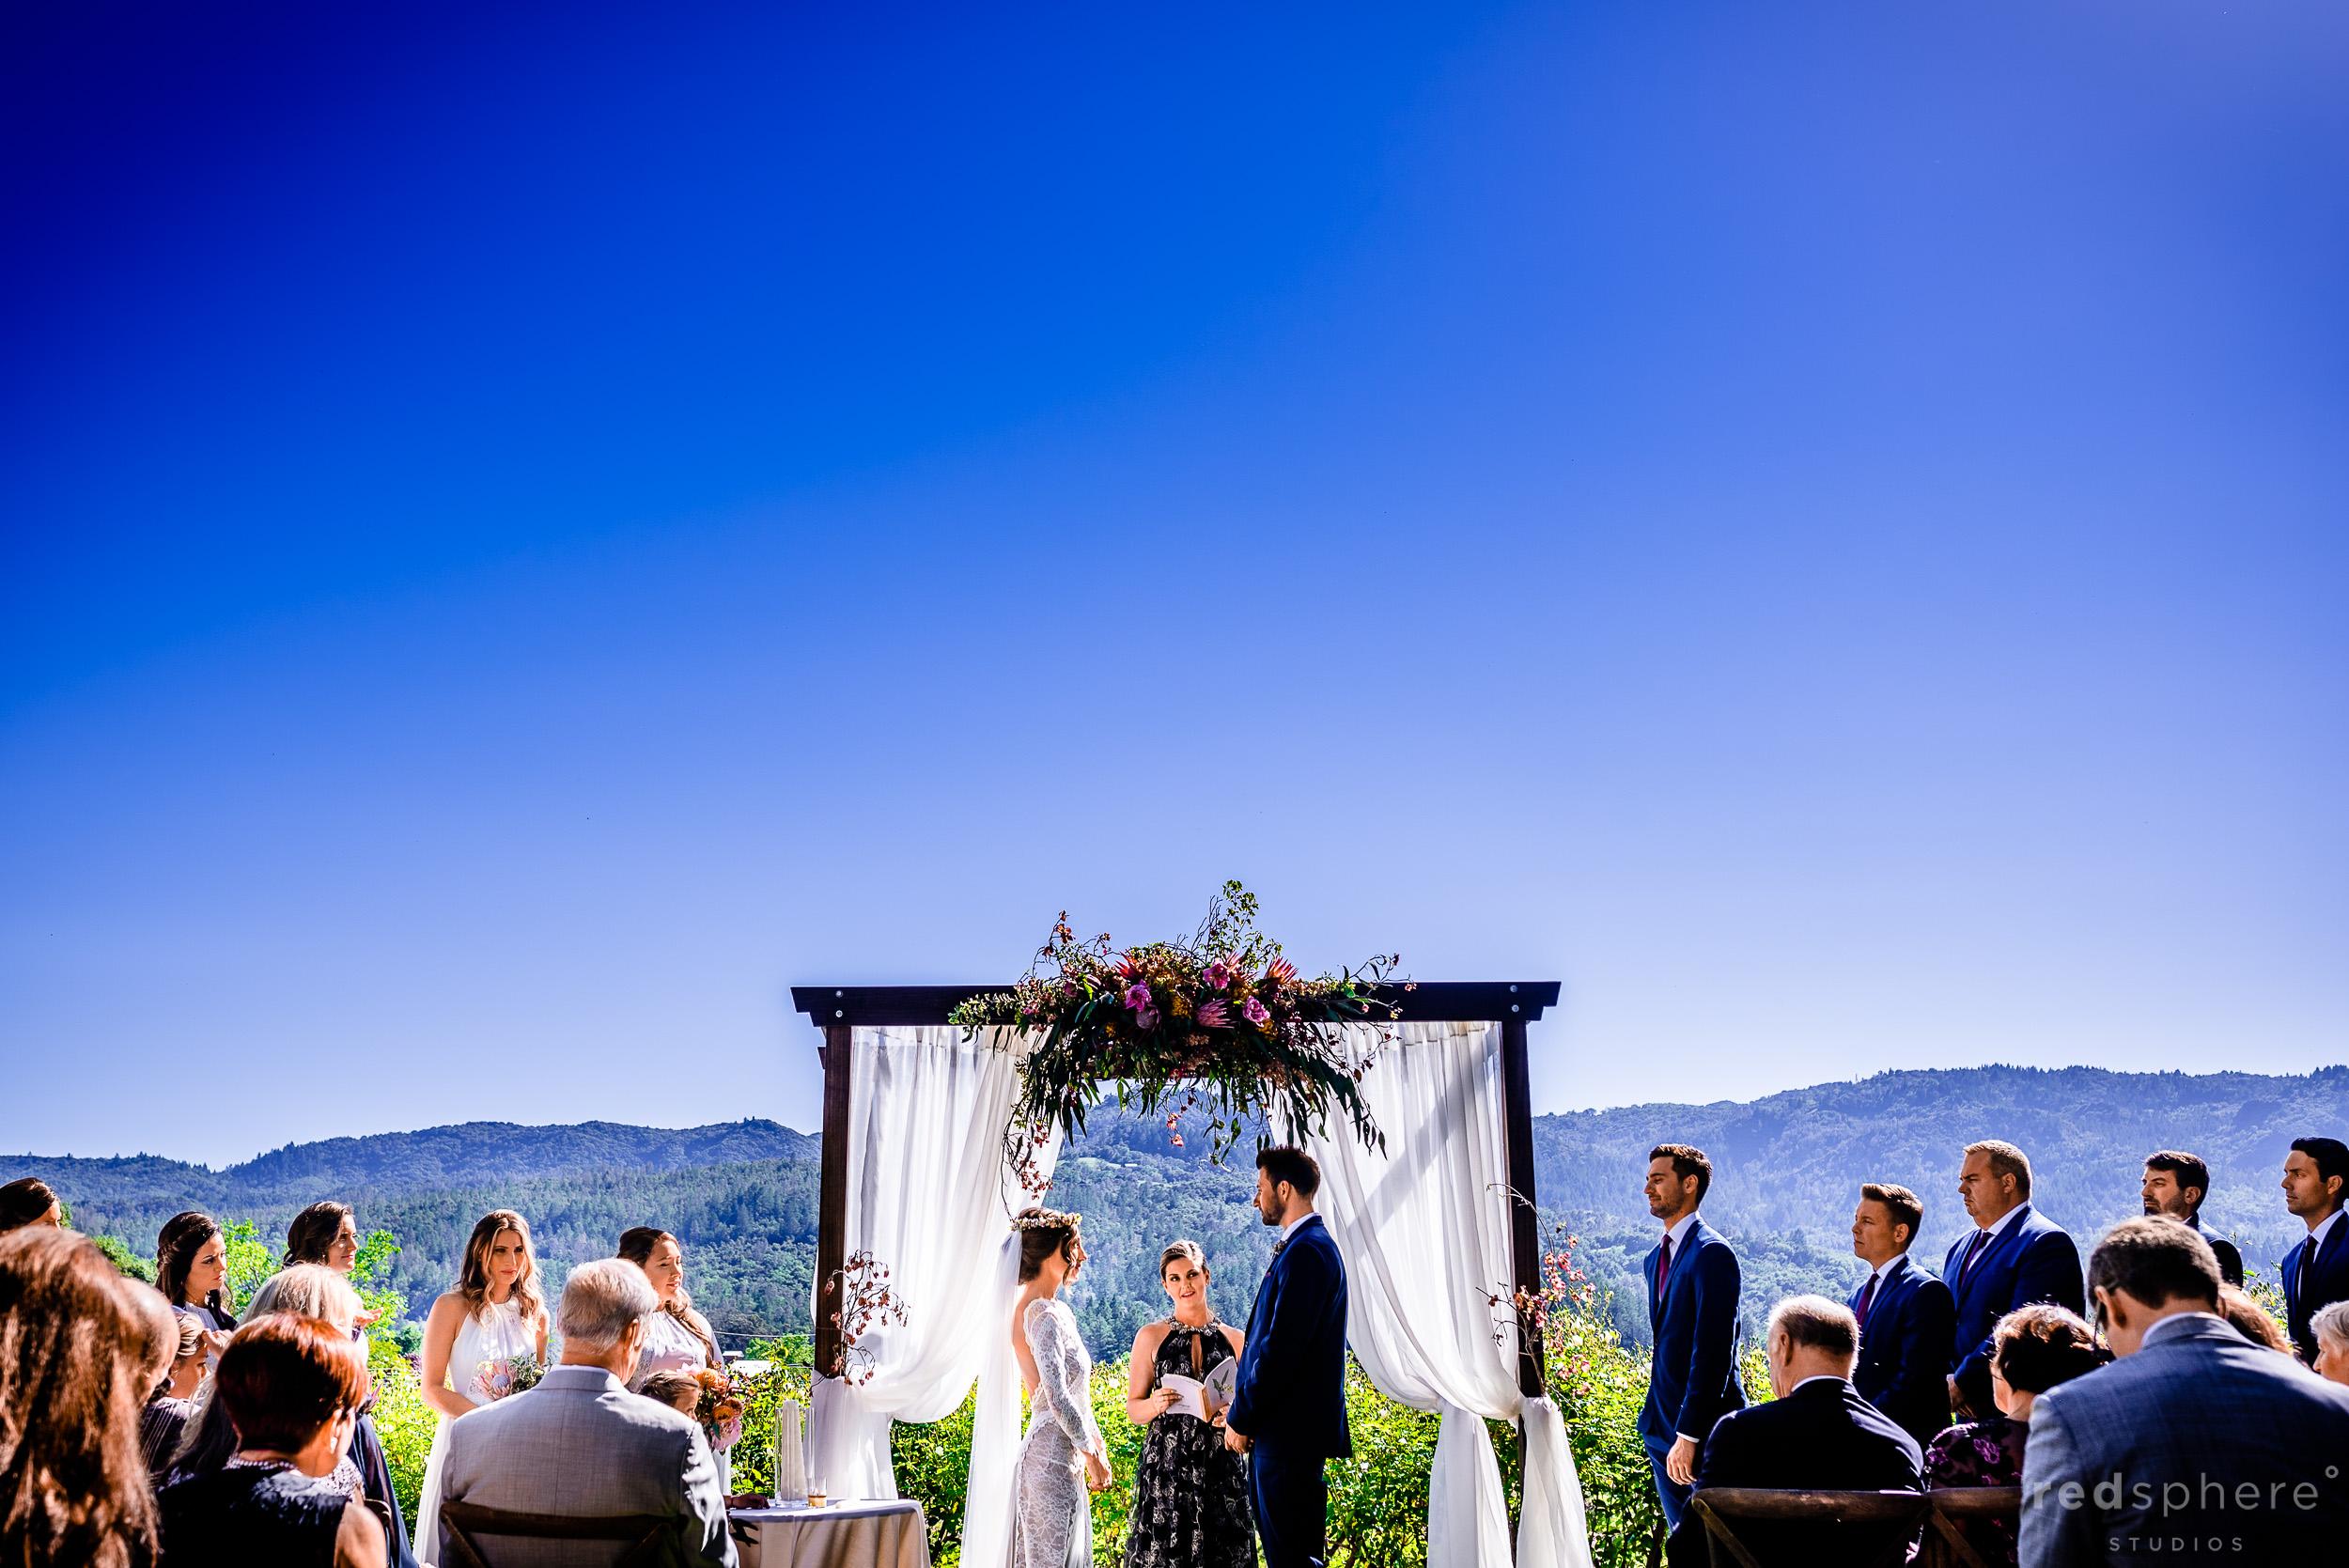 Elegant Garden Wedding Ceremony at Harvest Inn By Charlie Palmer, St. Helena, Napa Valley